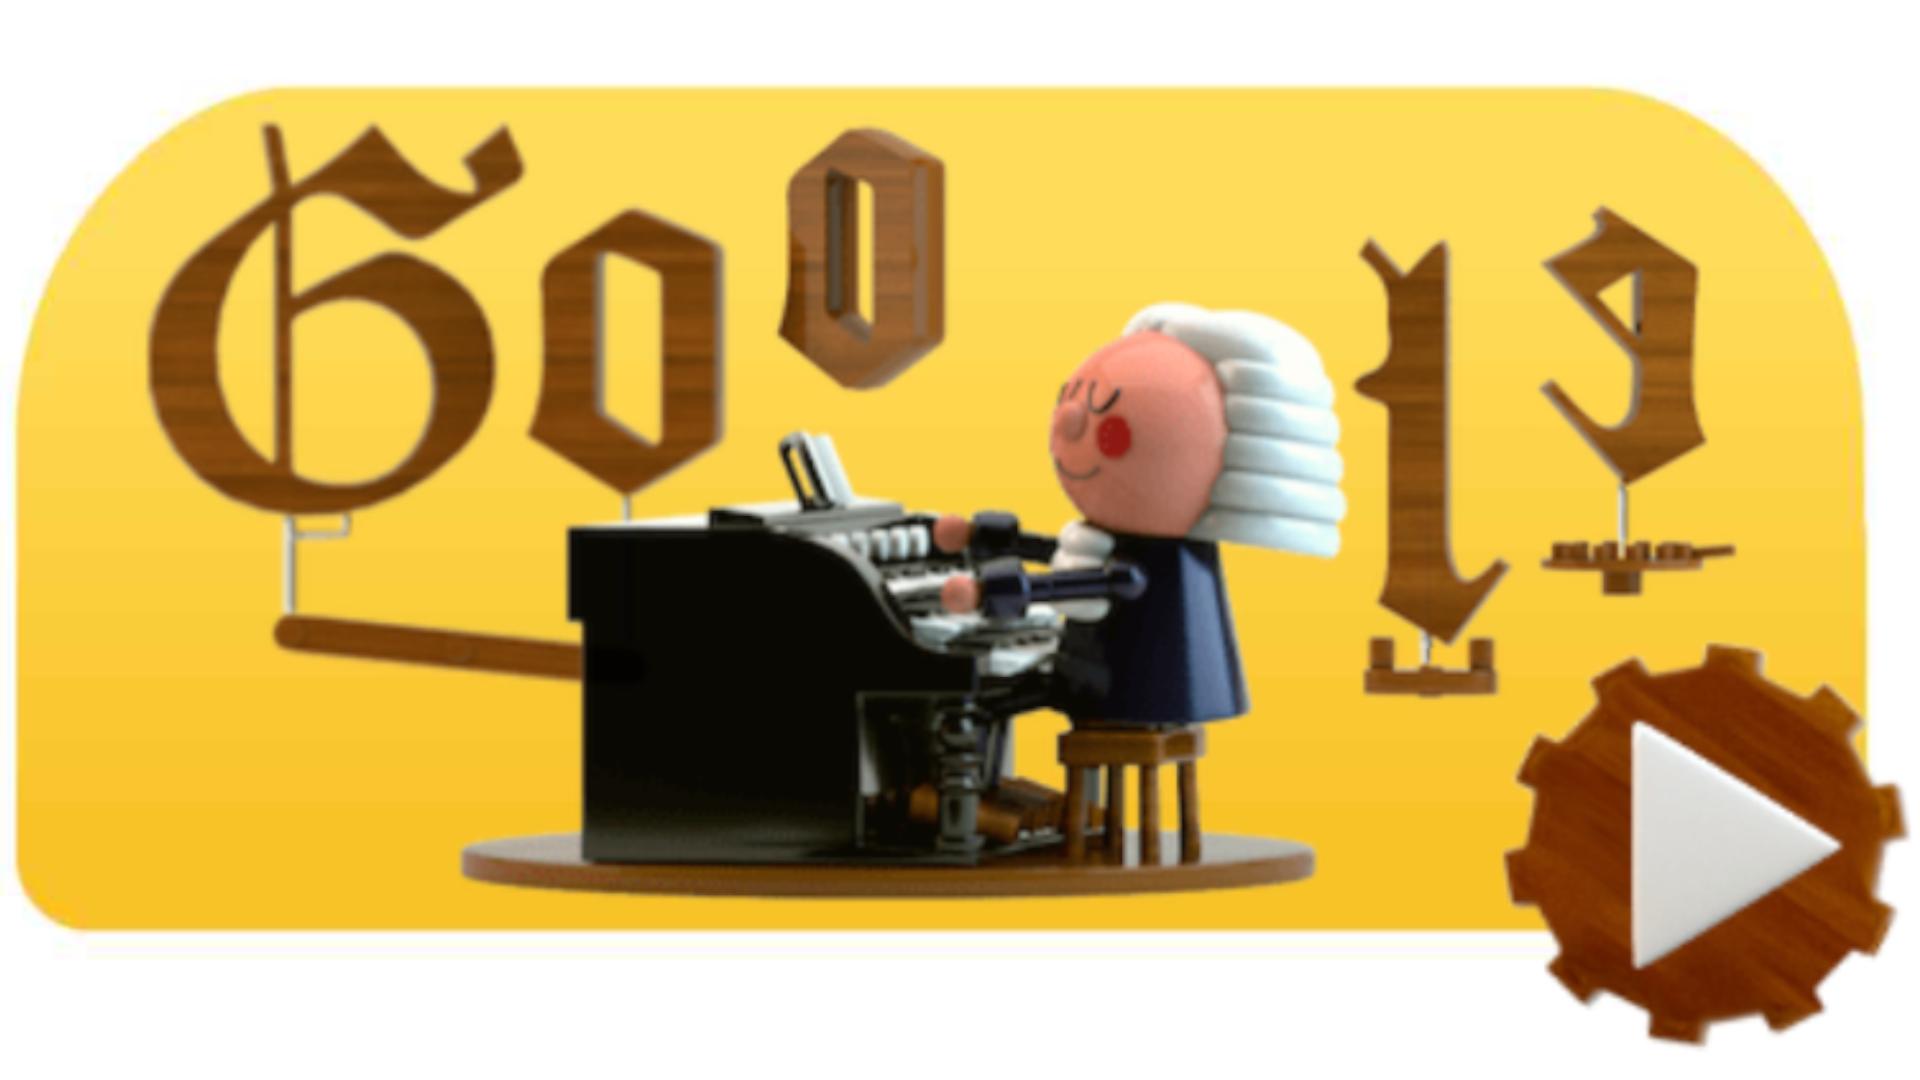 Inteligência Artificial do Google Doodle ajuda você a criar melodias de Bach (Fonte: Google Doodle)